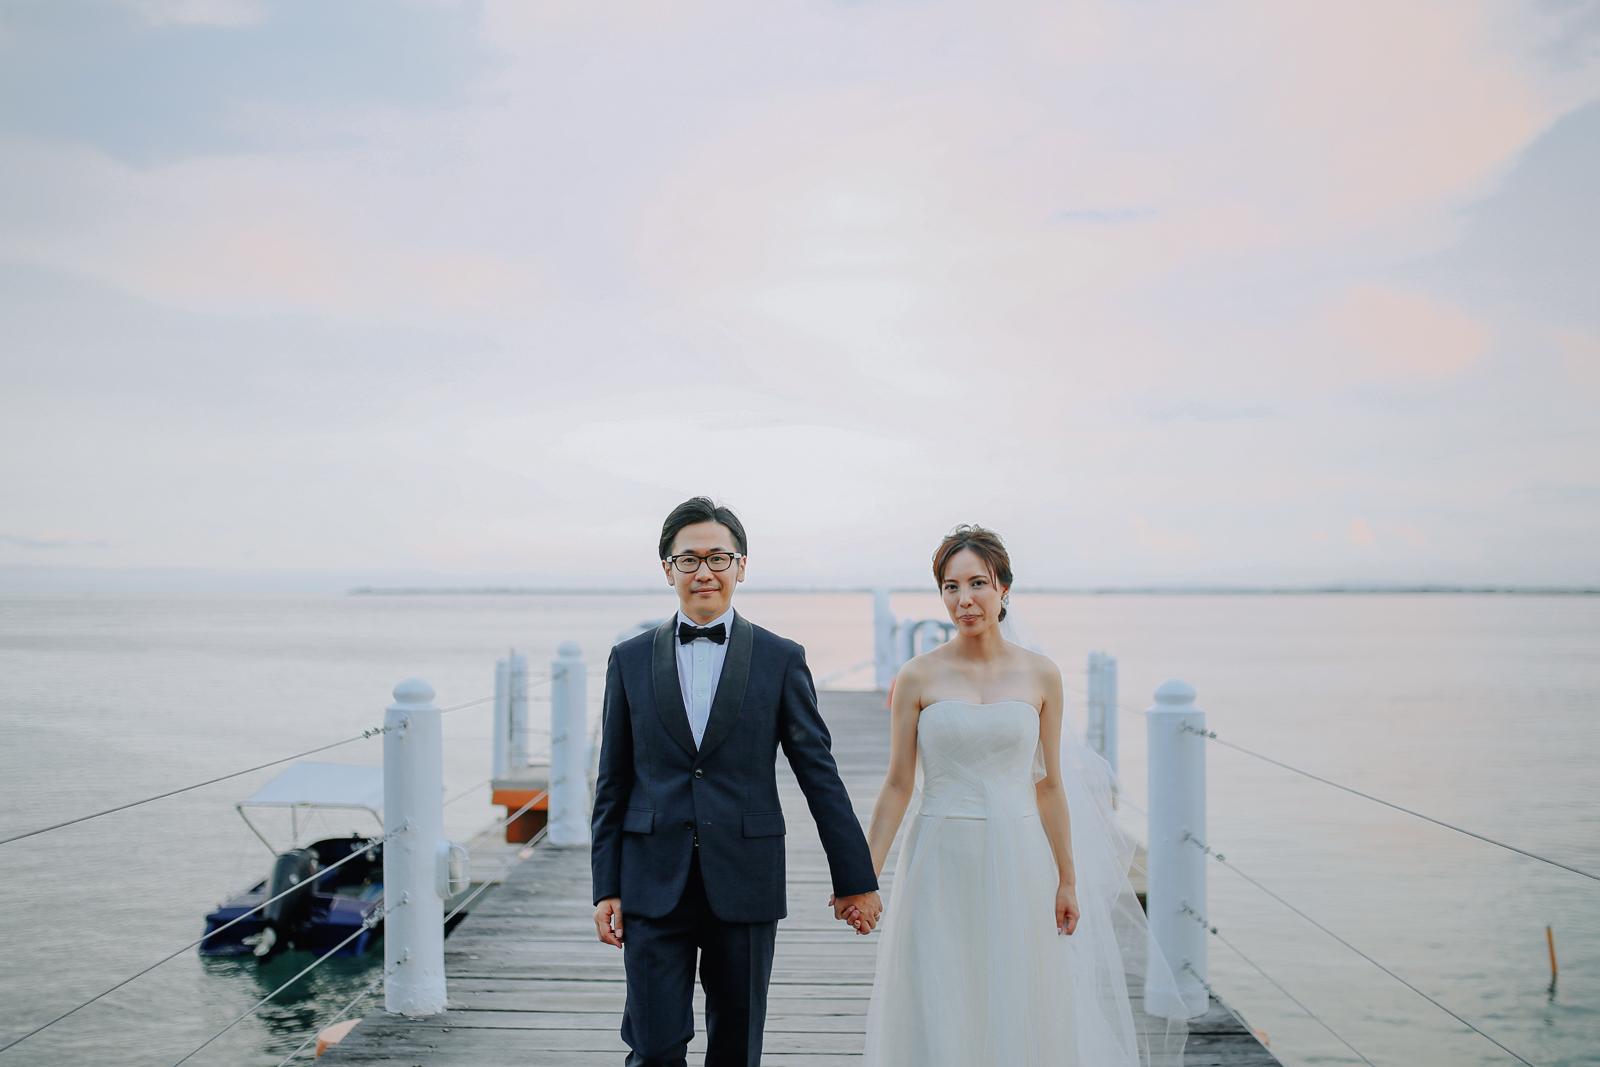 Cebu Wedding Photo Video Packages